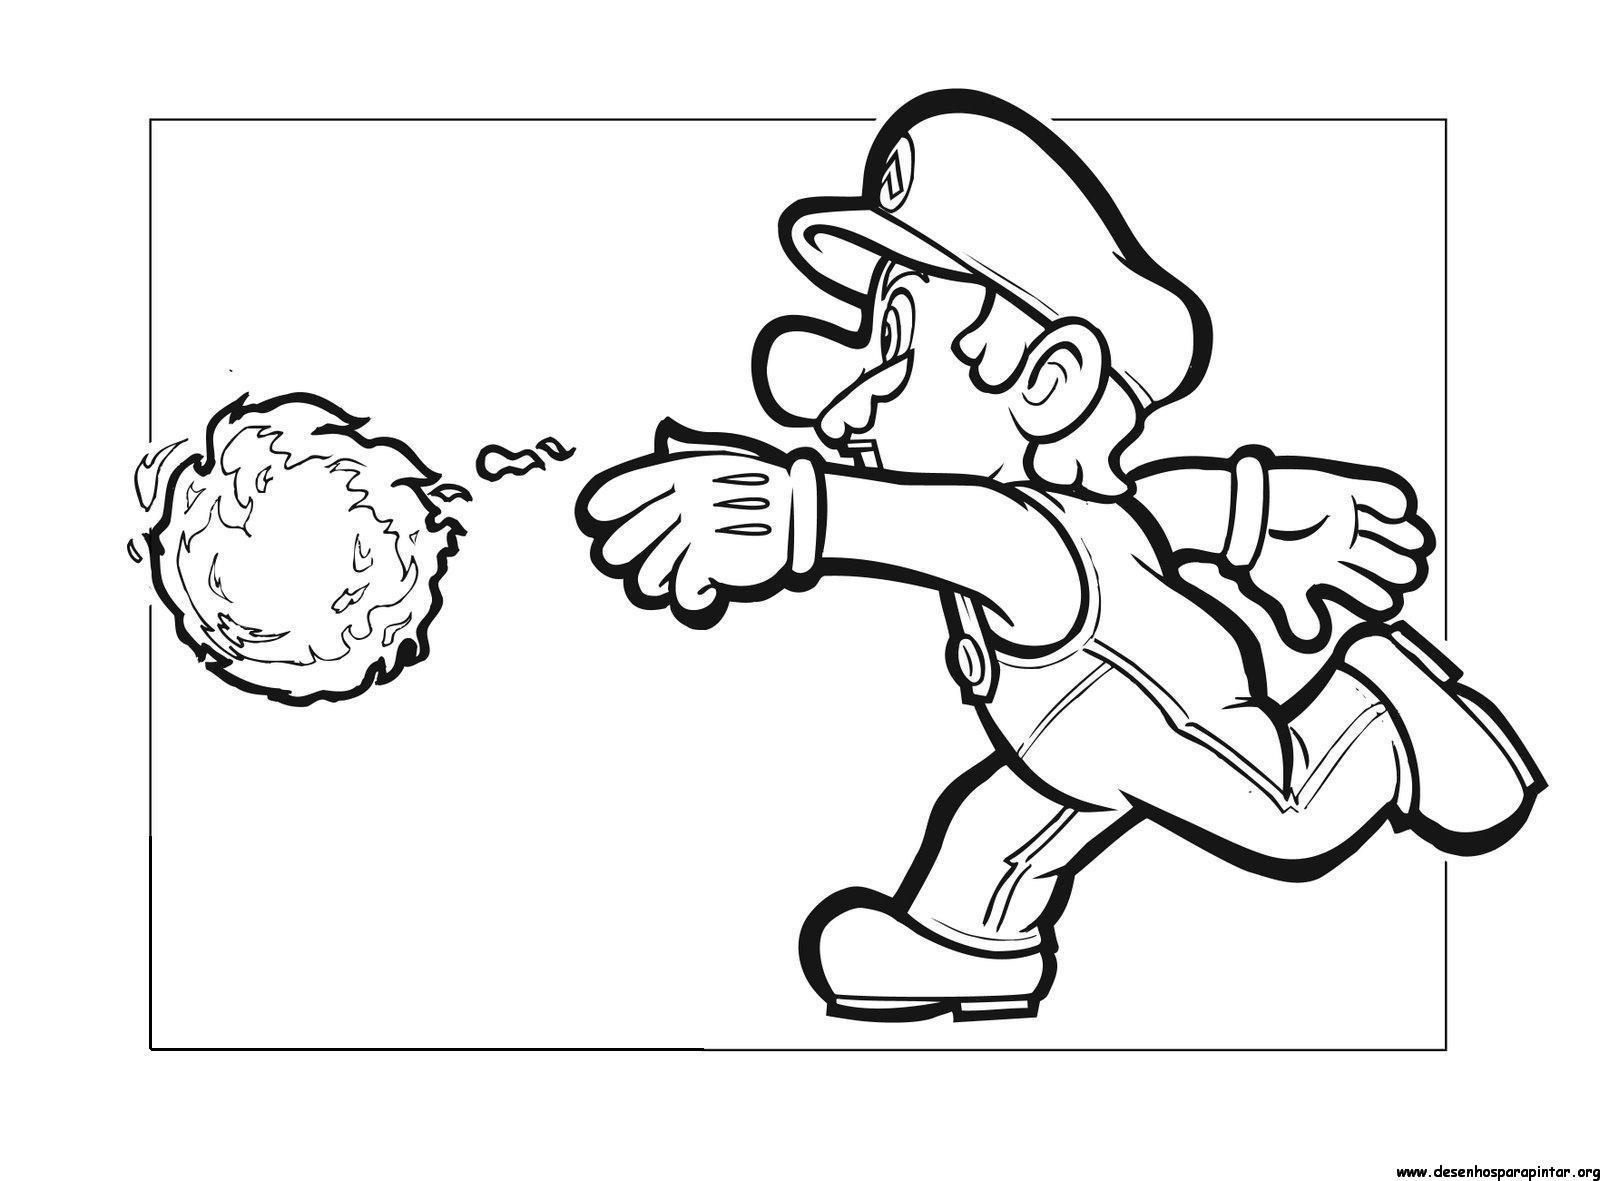 25 Desenhos Do Angry Birds Para Colorir Em Casa: Super Mario Bros, Desenhos Para Imprimir Colorir E Pintar